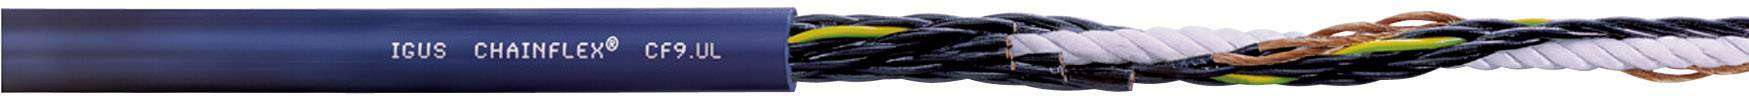 Řídicí kabelové vedení igus Chainflex® (CF9.05.12), 12x 0,5 mm², Ø 9,5 mm, 1 m, modrá